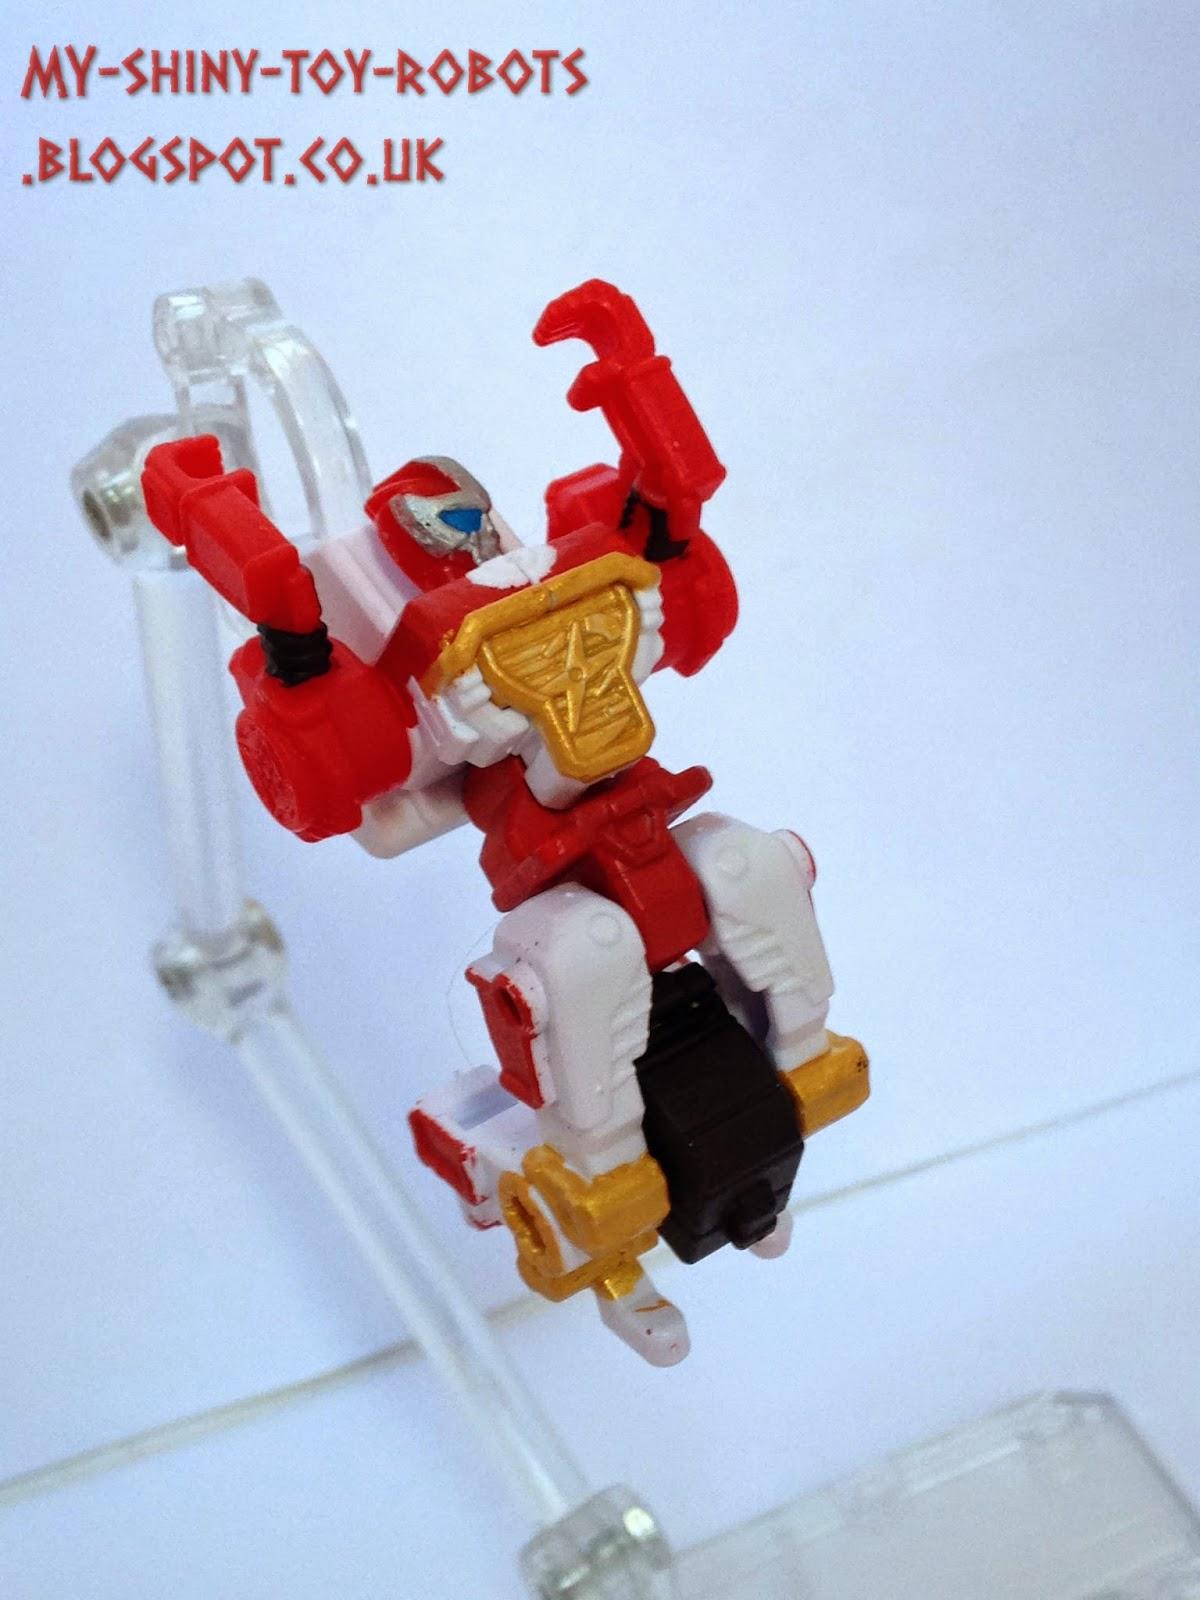 Shinobimaru Leaping